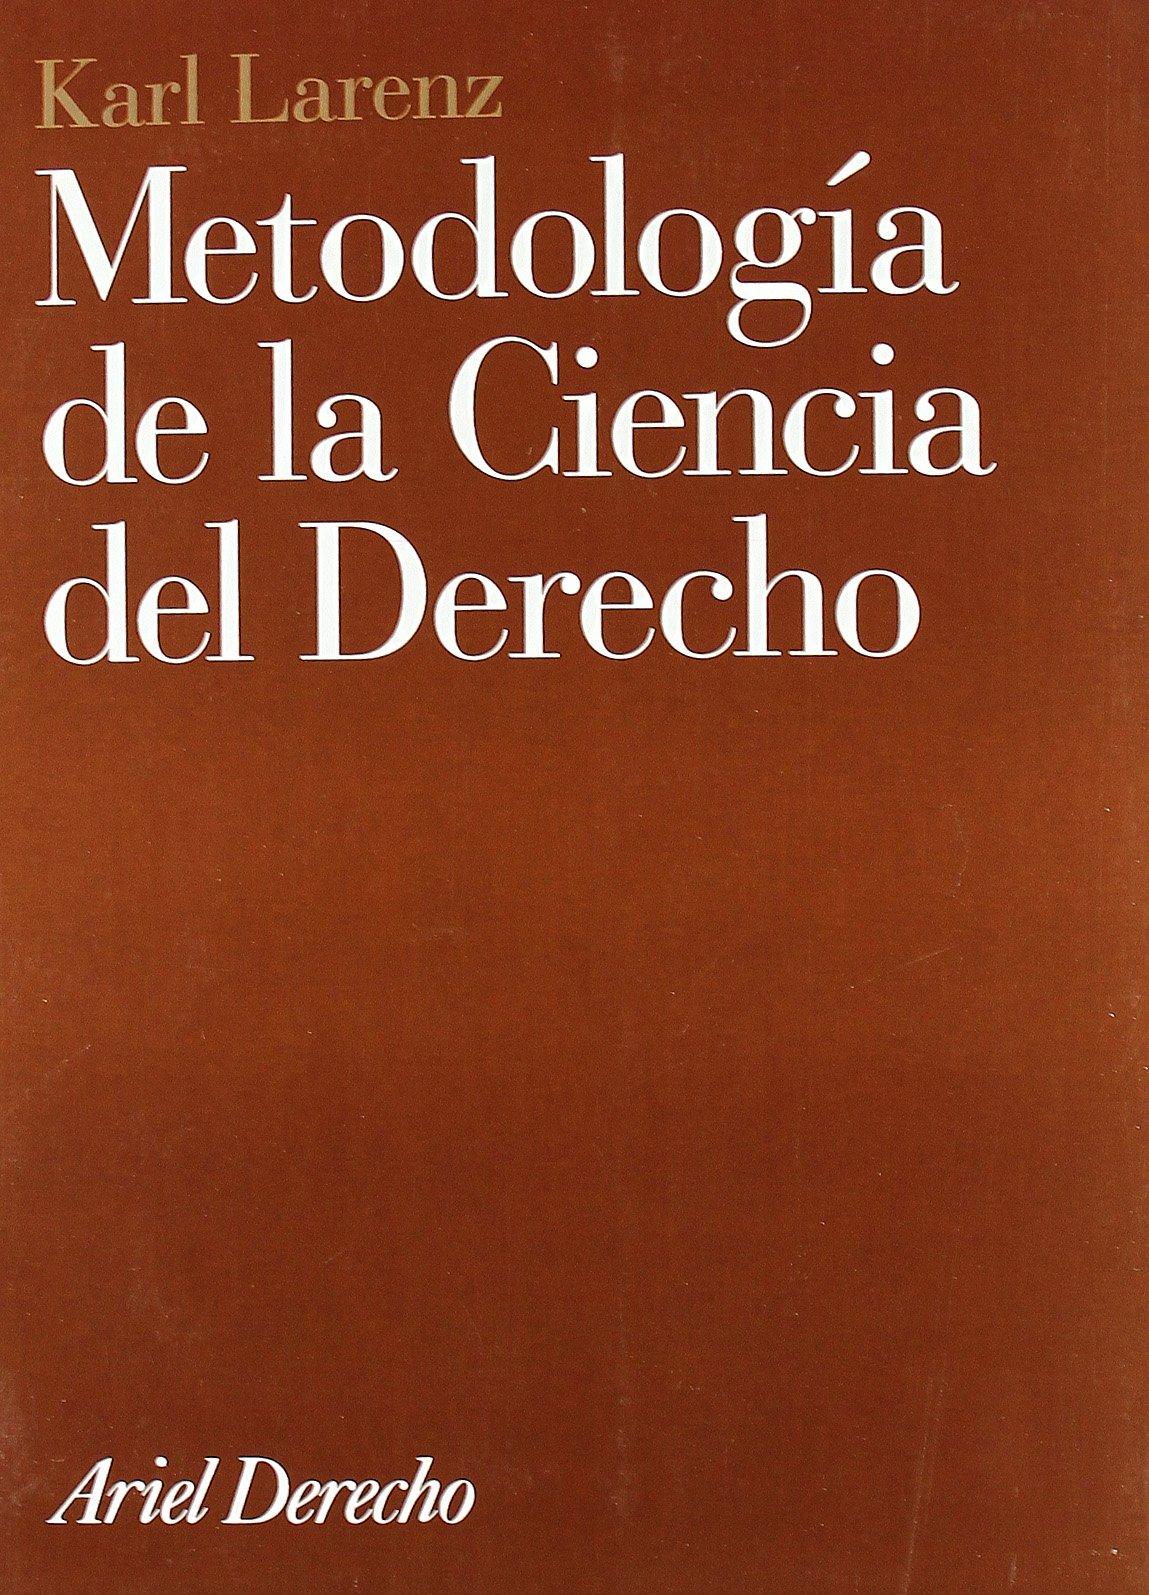 Metodología de la ciencia del Derecho: Amazon.es: Karl Larenz: Libros